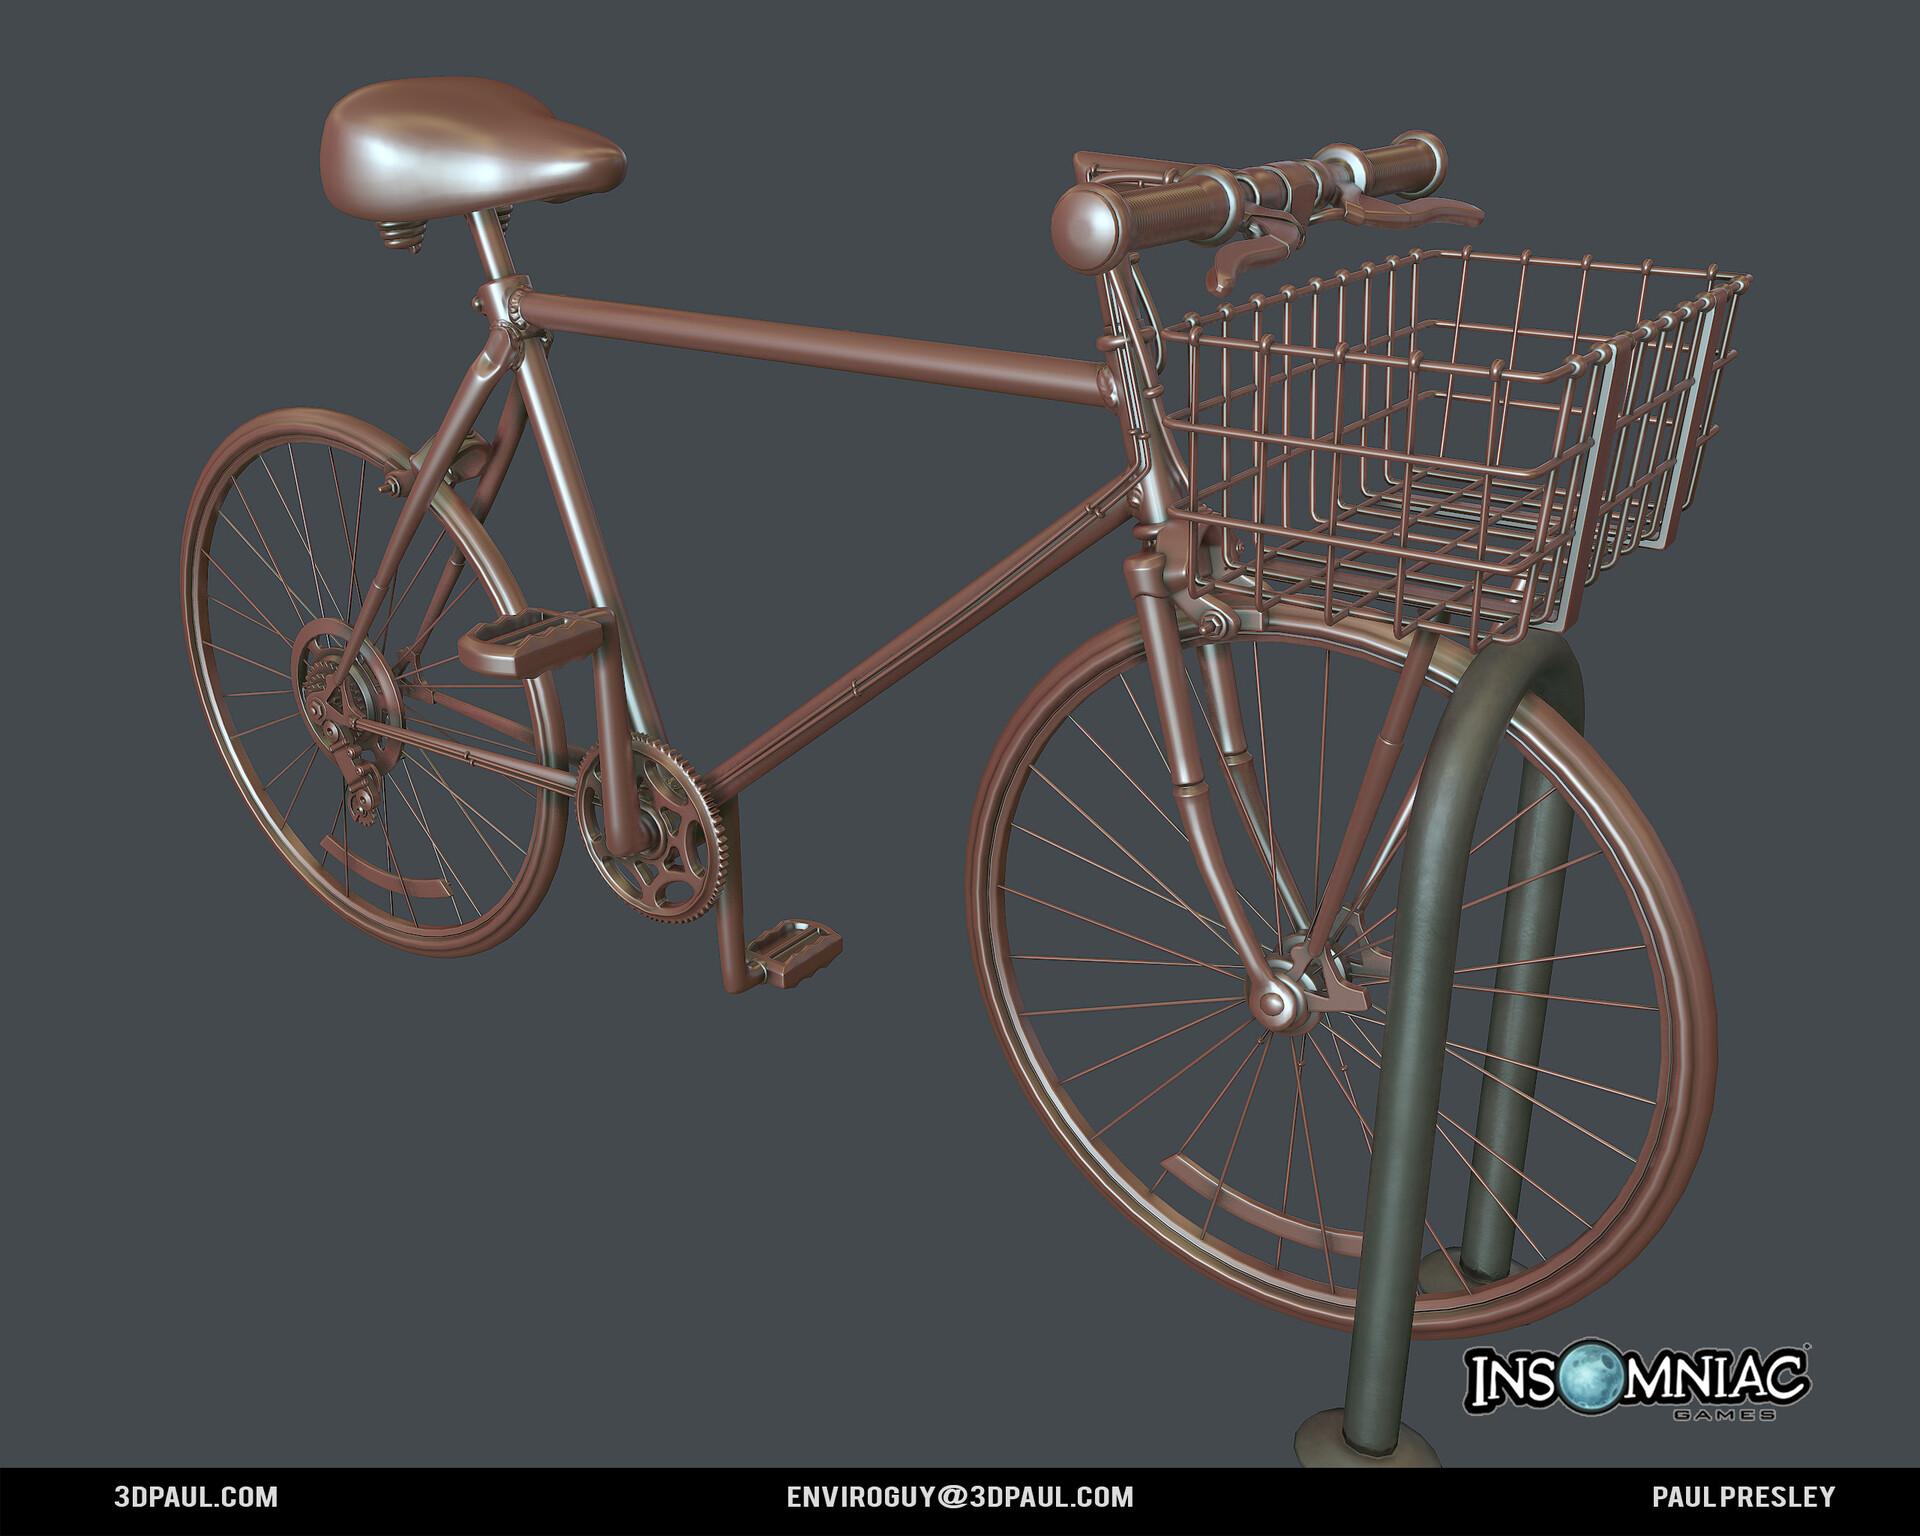 Paul presley ig spider 02 bike